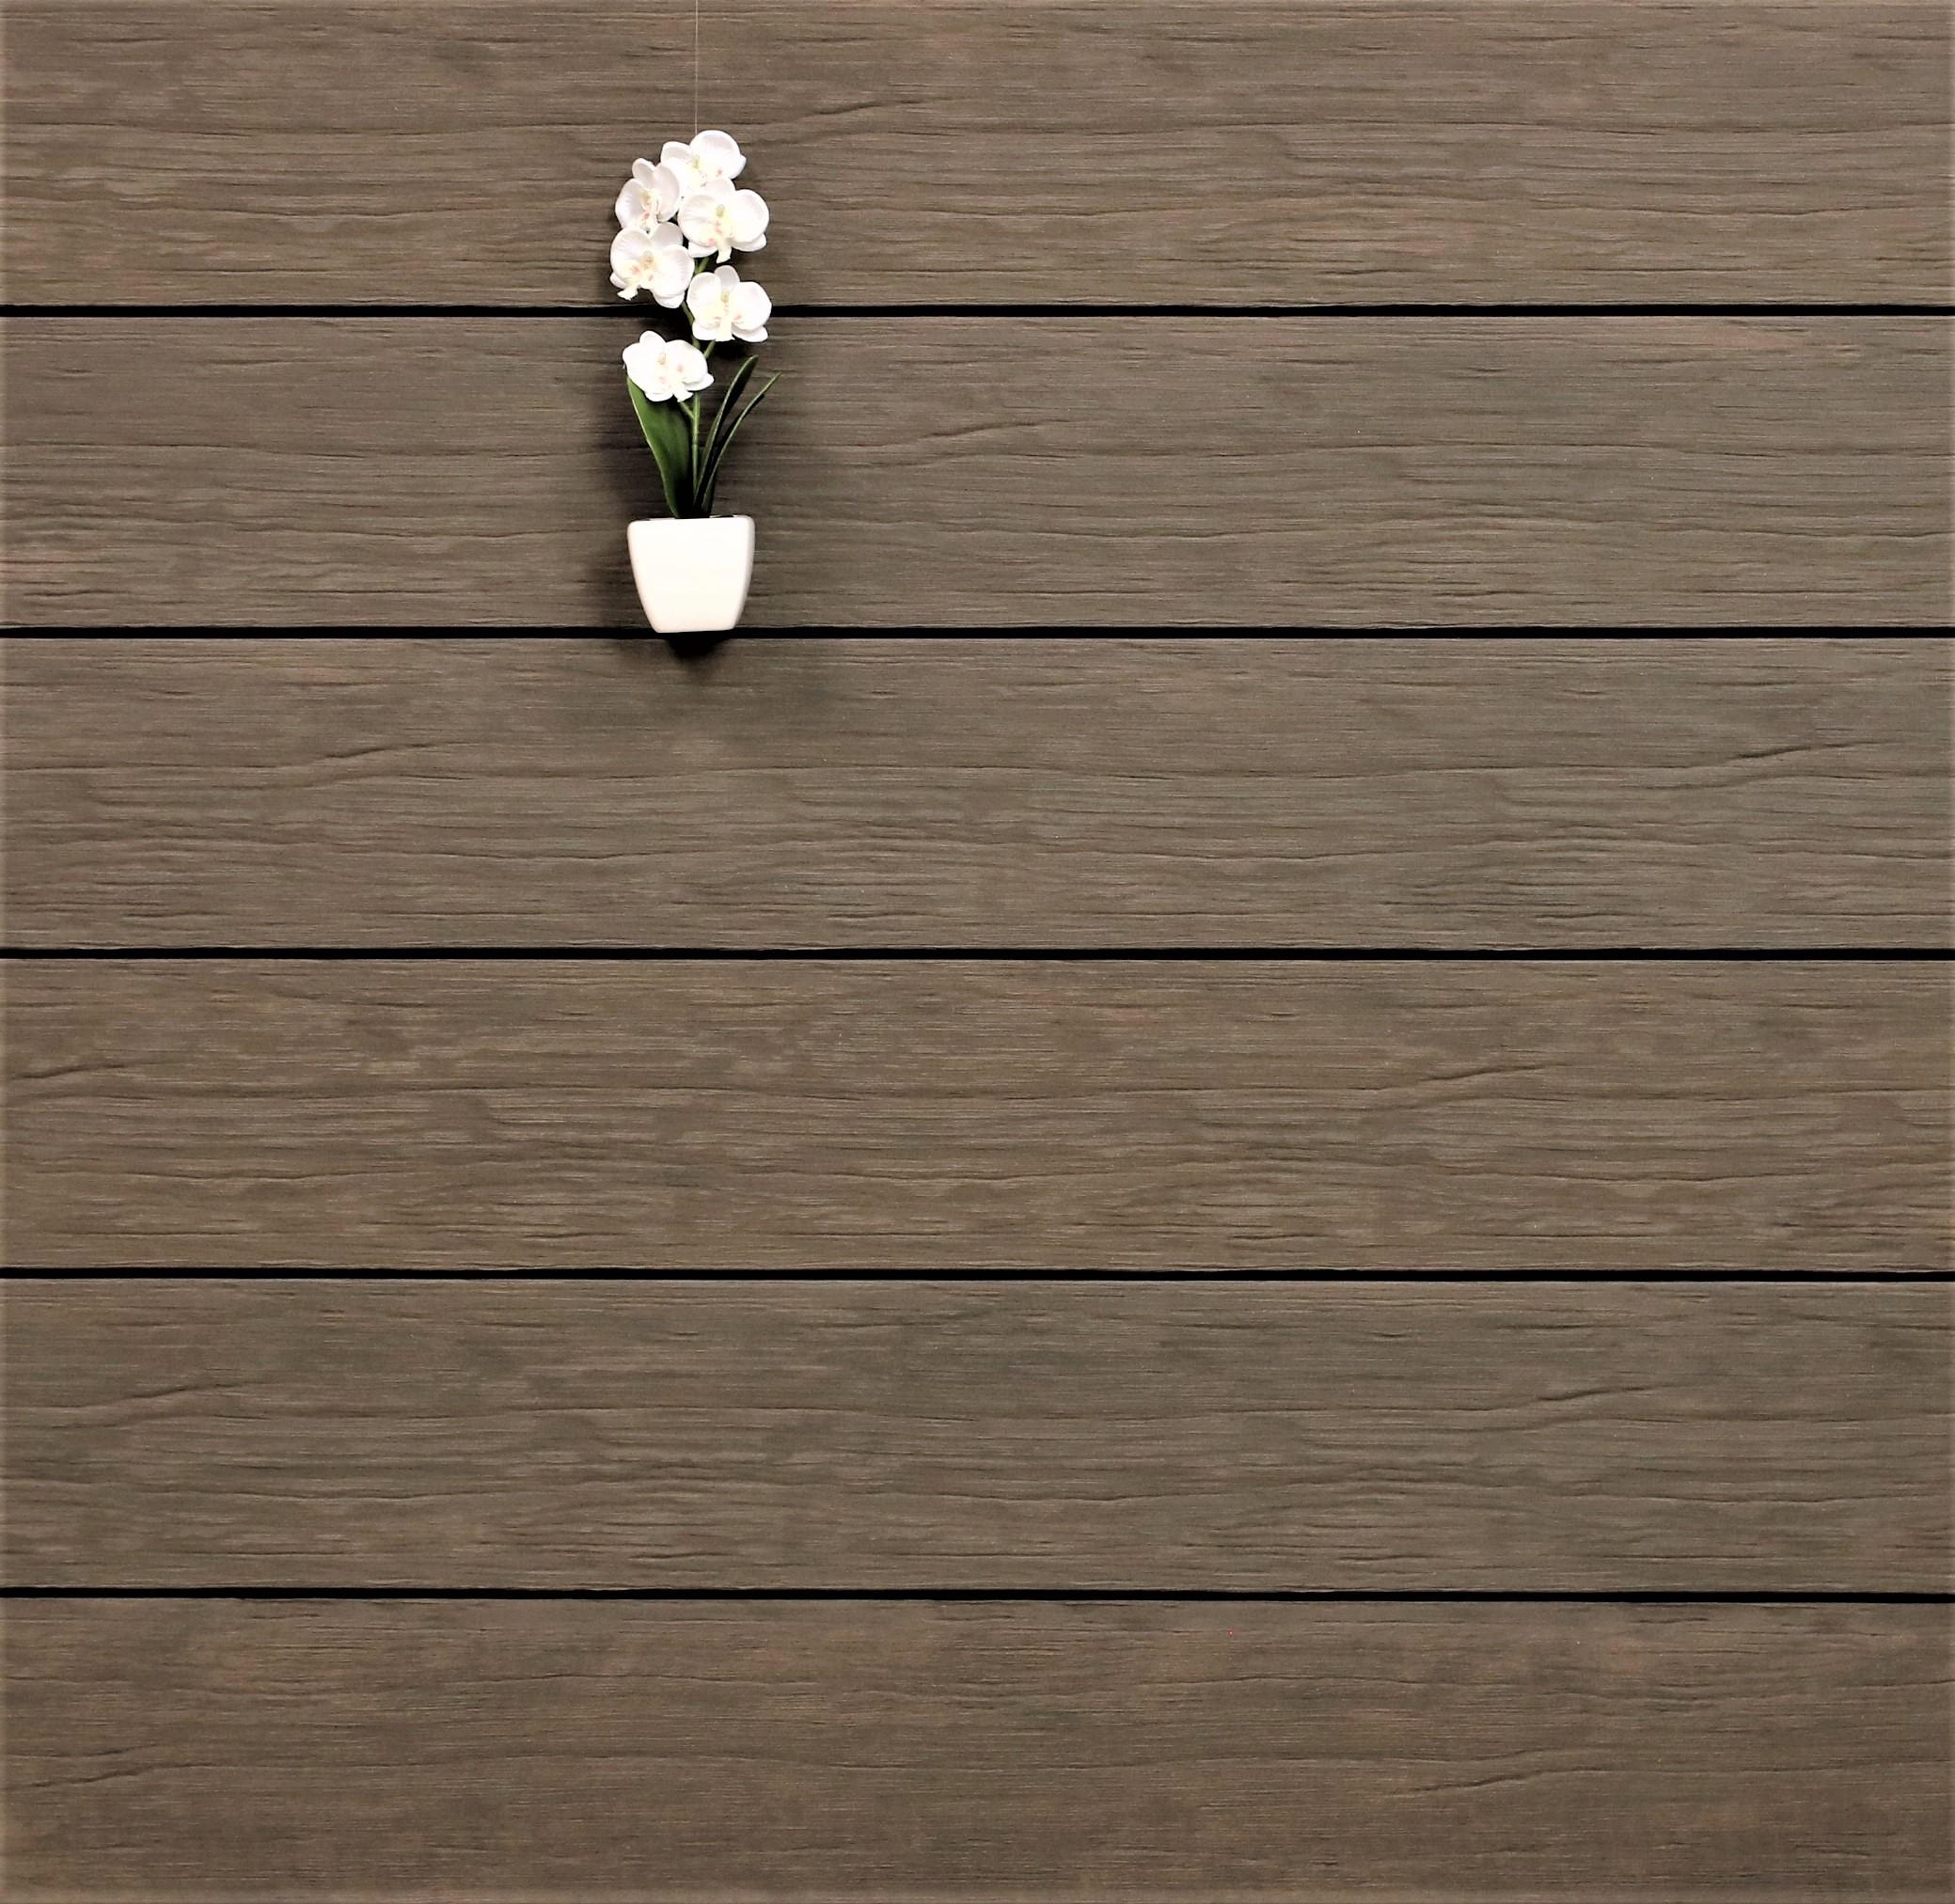 WPC Terrassendielen massiv, Oberfläche antik gealtert, Farbton sand, Vollprofil, 22 x 143 bis 4800 mm für 9,95 €/lfm